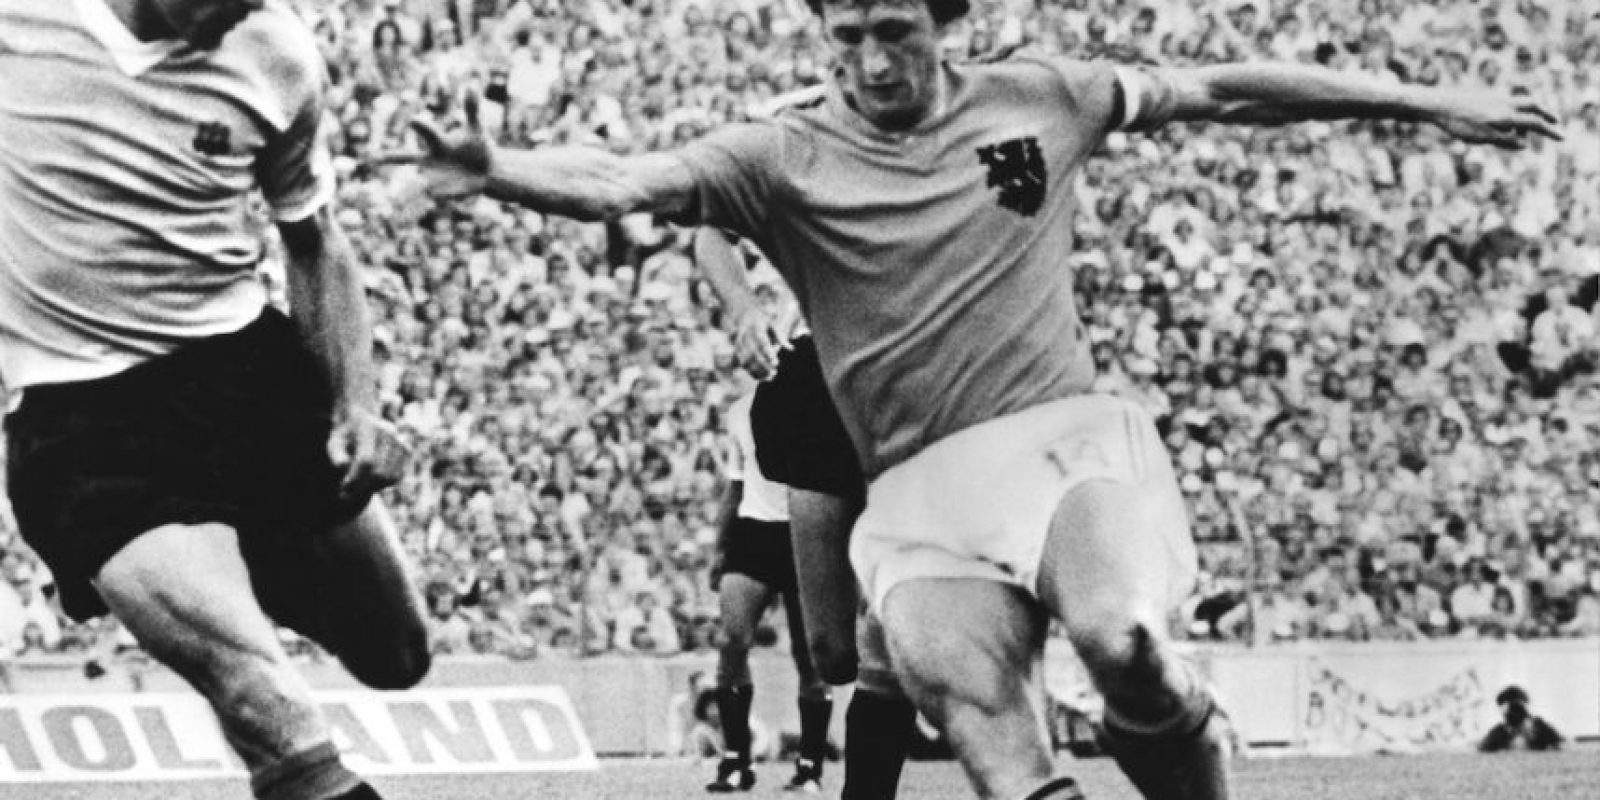 2. Su inmensa calidad se vio recompensada a nivel internacional con tres Balones de Oro al mejor jugador europeo (1971, 1973 y 1974). Foto:Getty Images